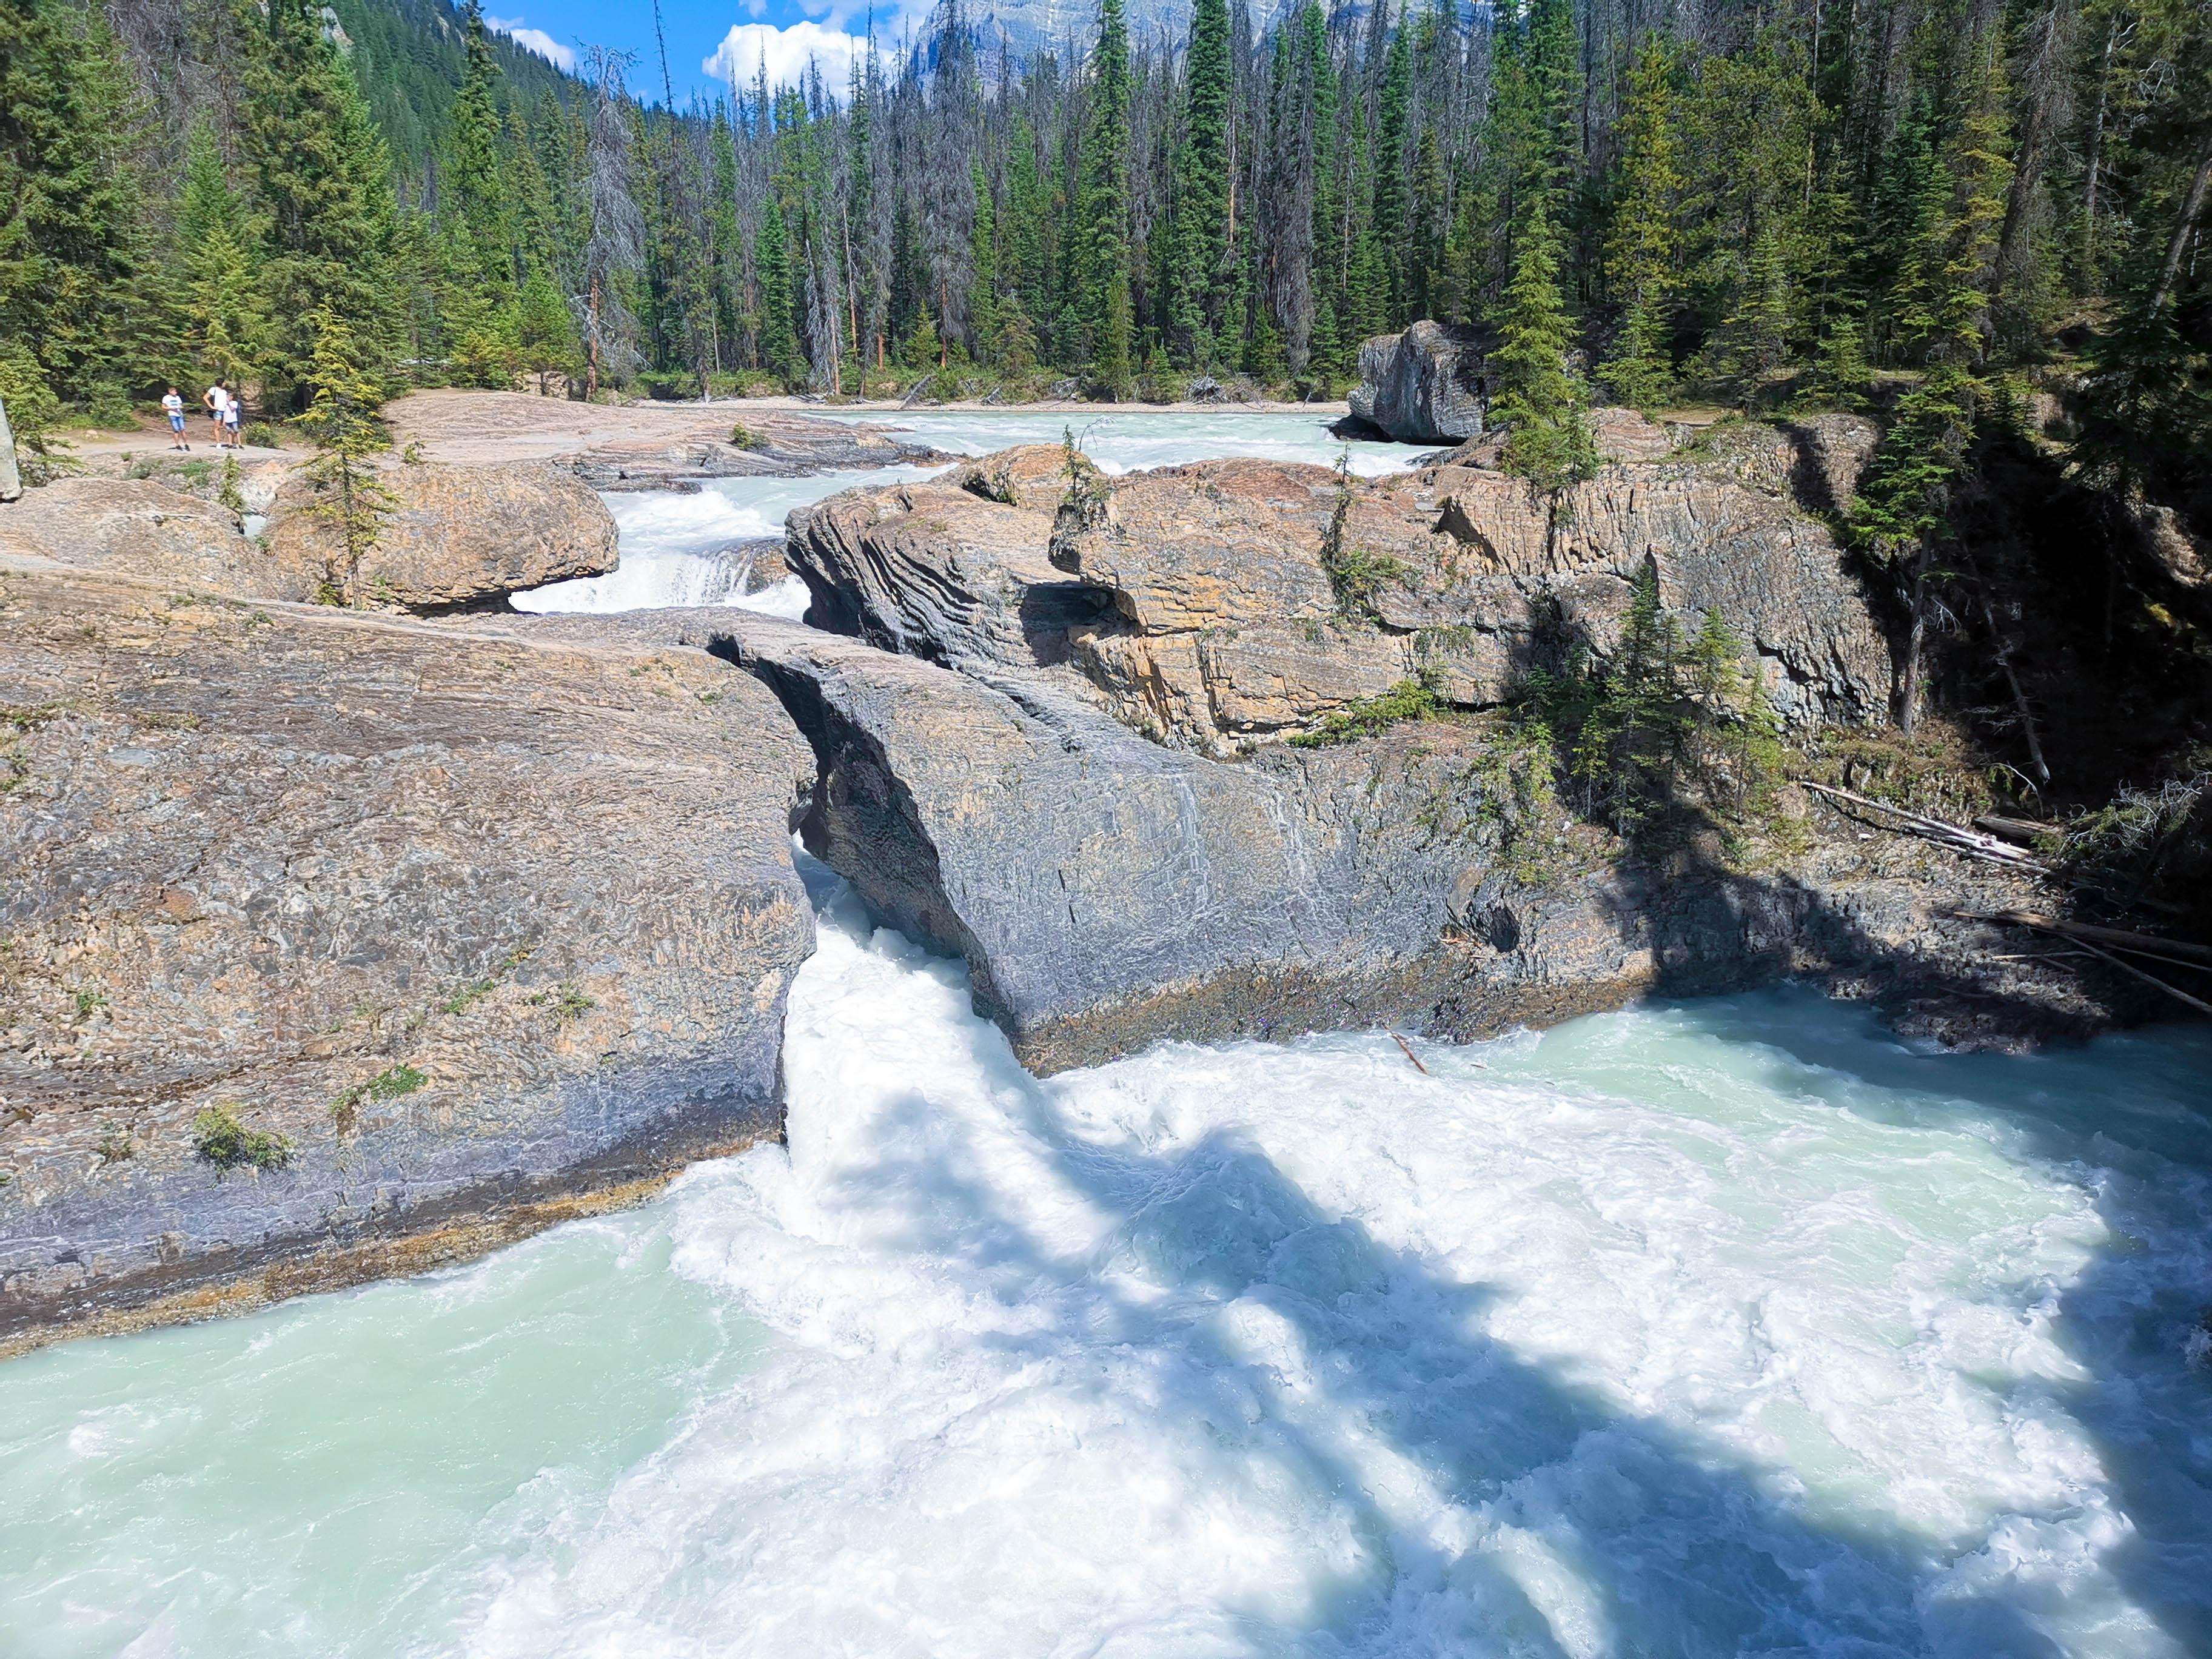 สะพานหินธรรมชาติ (Natural Bridge) เที่ยวแคนาดา ทัวร์แคนาดา